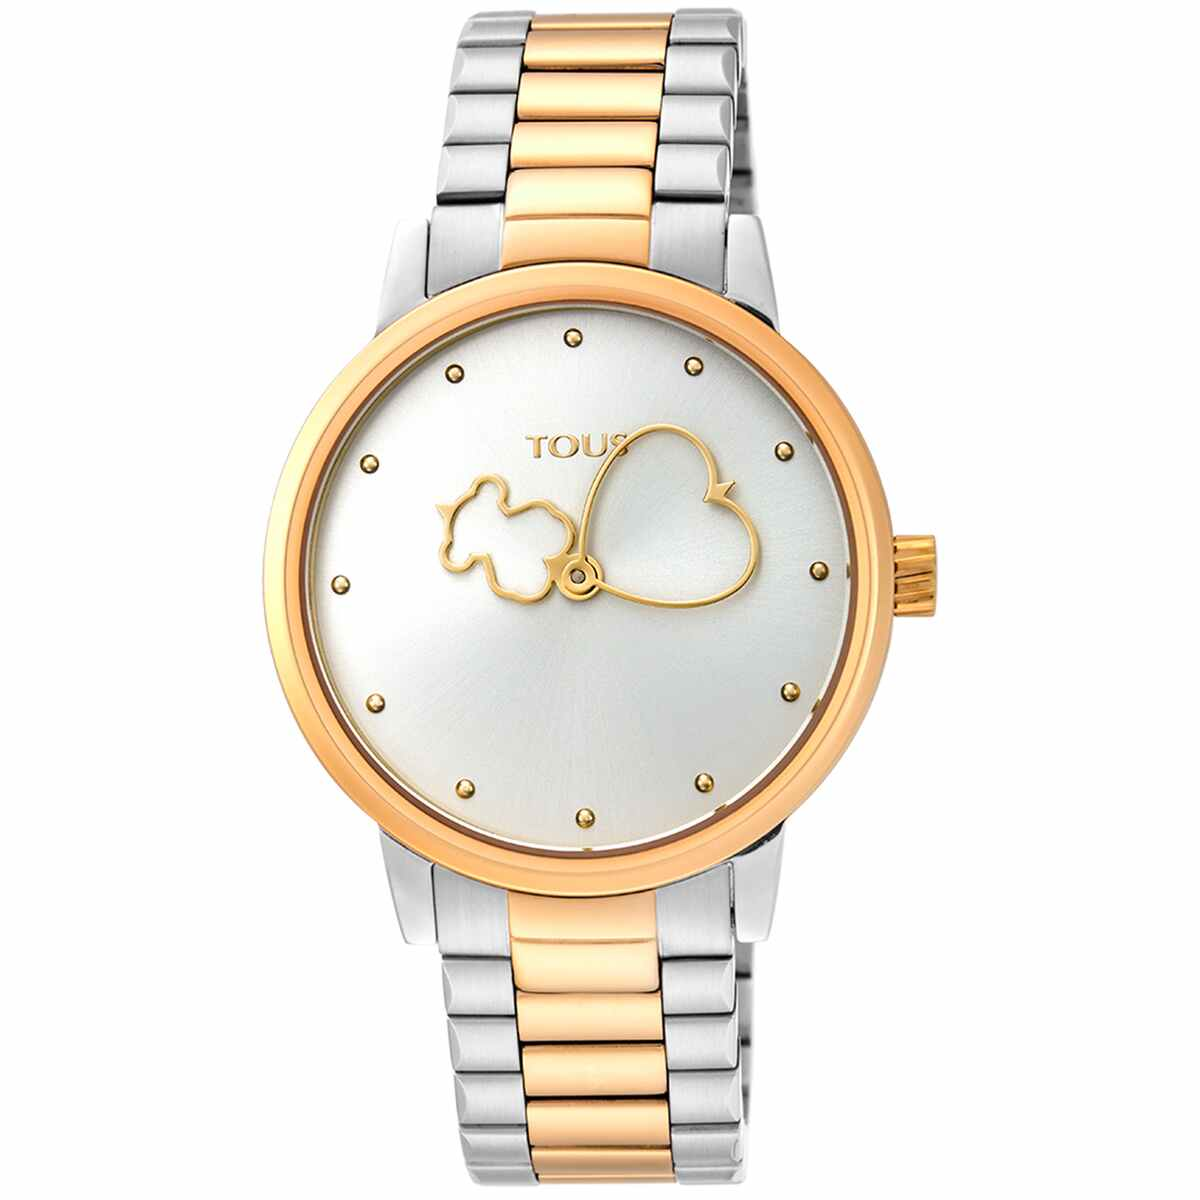 Reloj mujer tous con cadena y esfera en acero bicolor con agujas en forma de oso y corazón